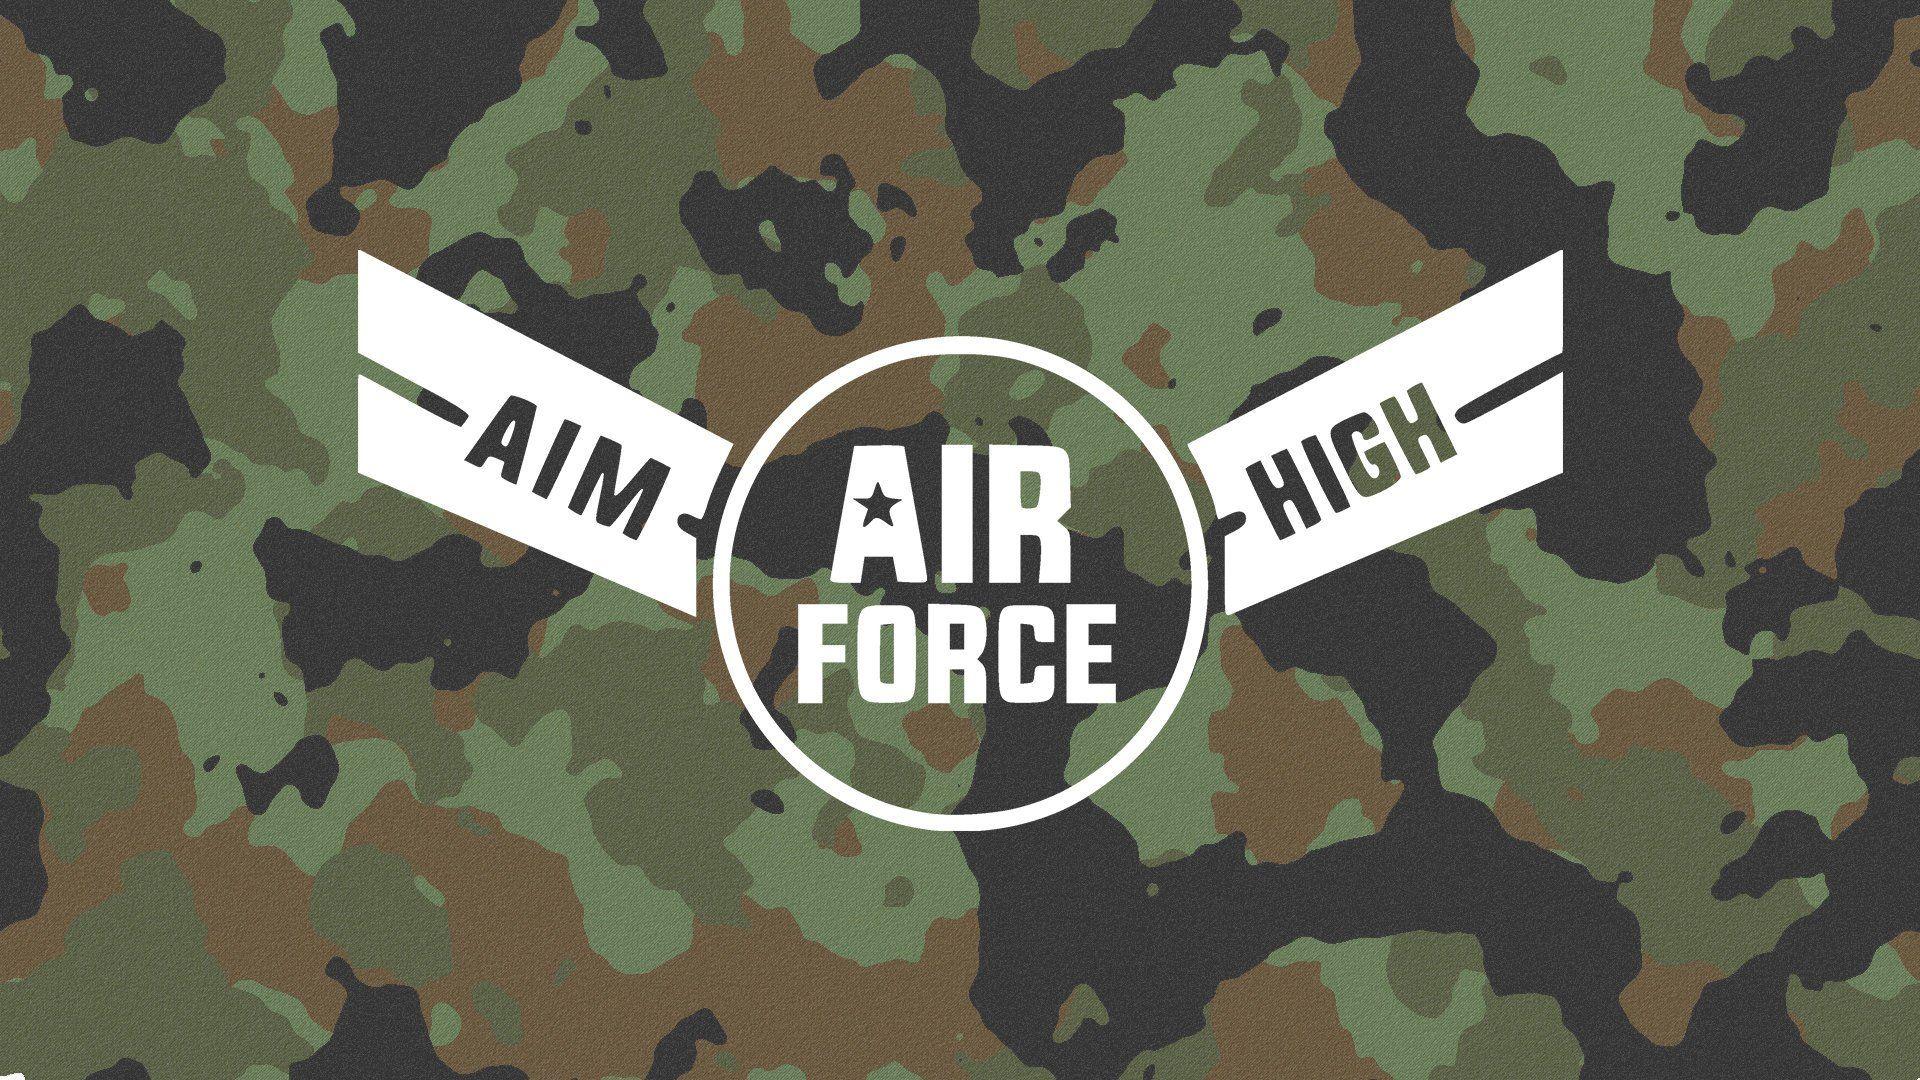 Air Force Aim High Decal Military Decal Air Force